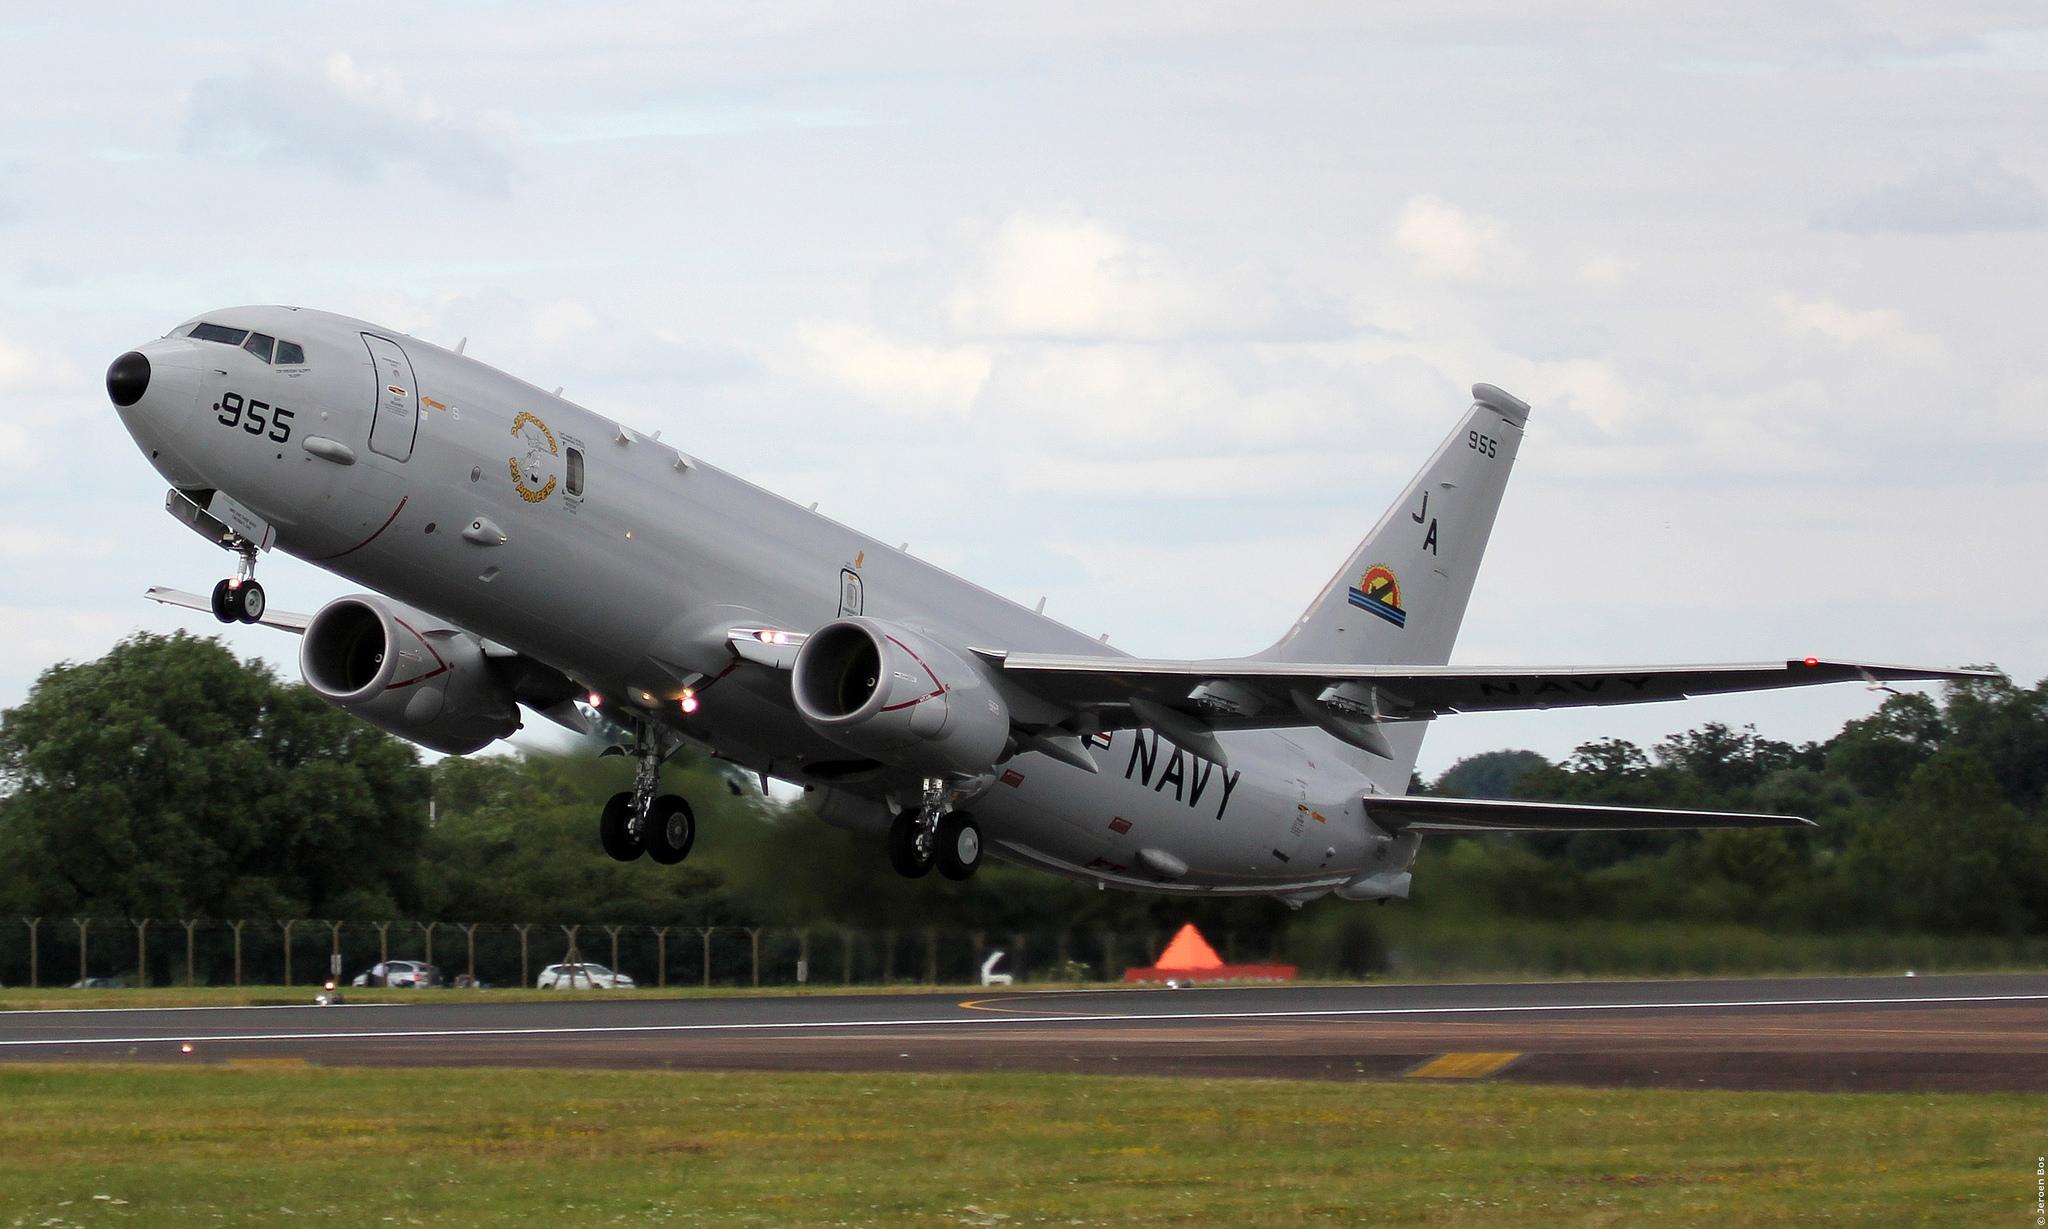 Великобритания приобретает девять базовых патрульных самолетов P-8A Poseidon